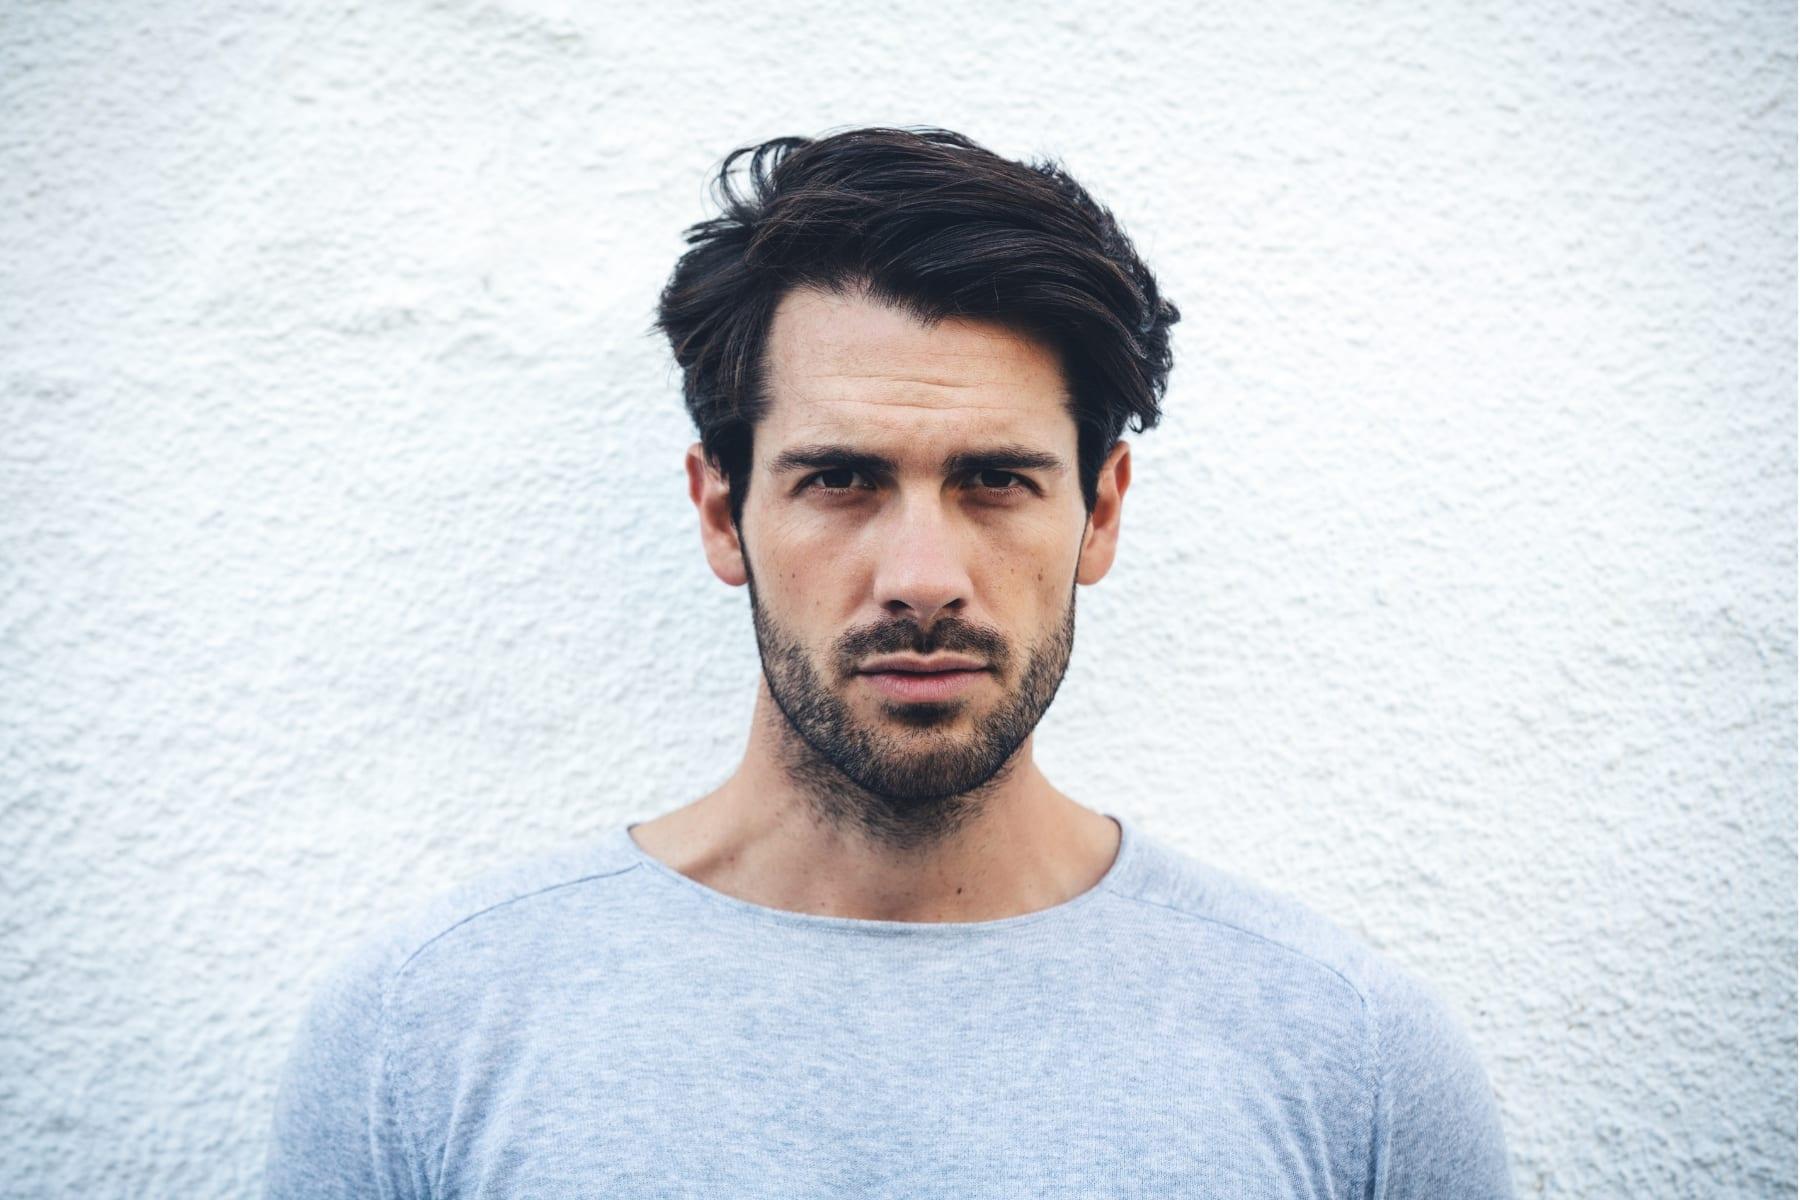 man with 3-day stubble beard-style facial hair